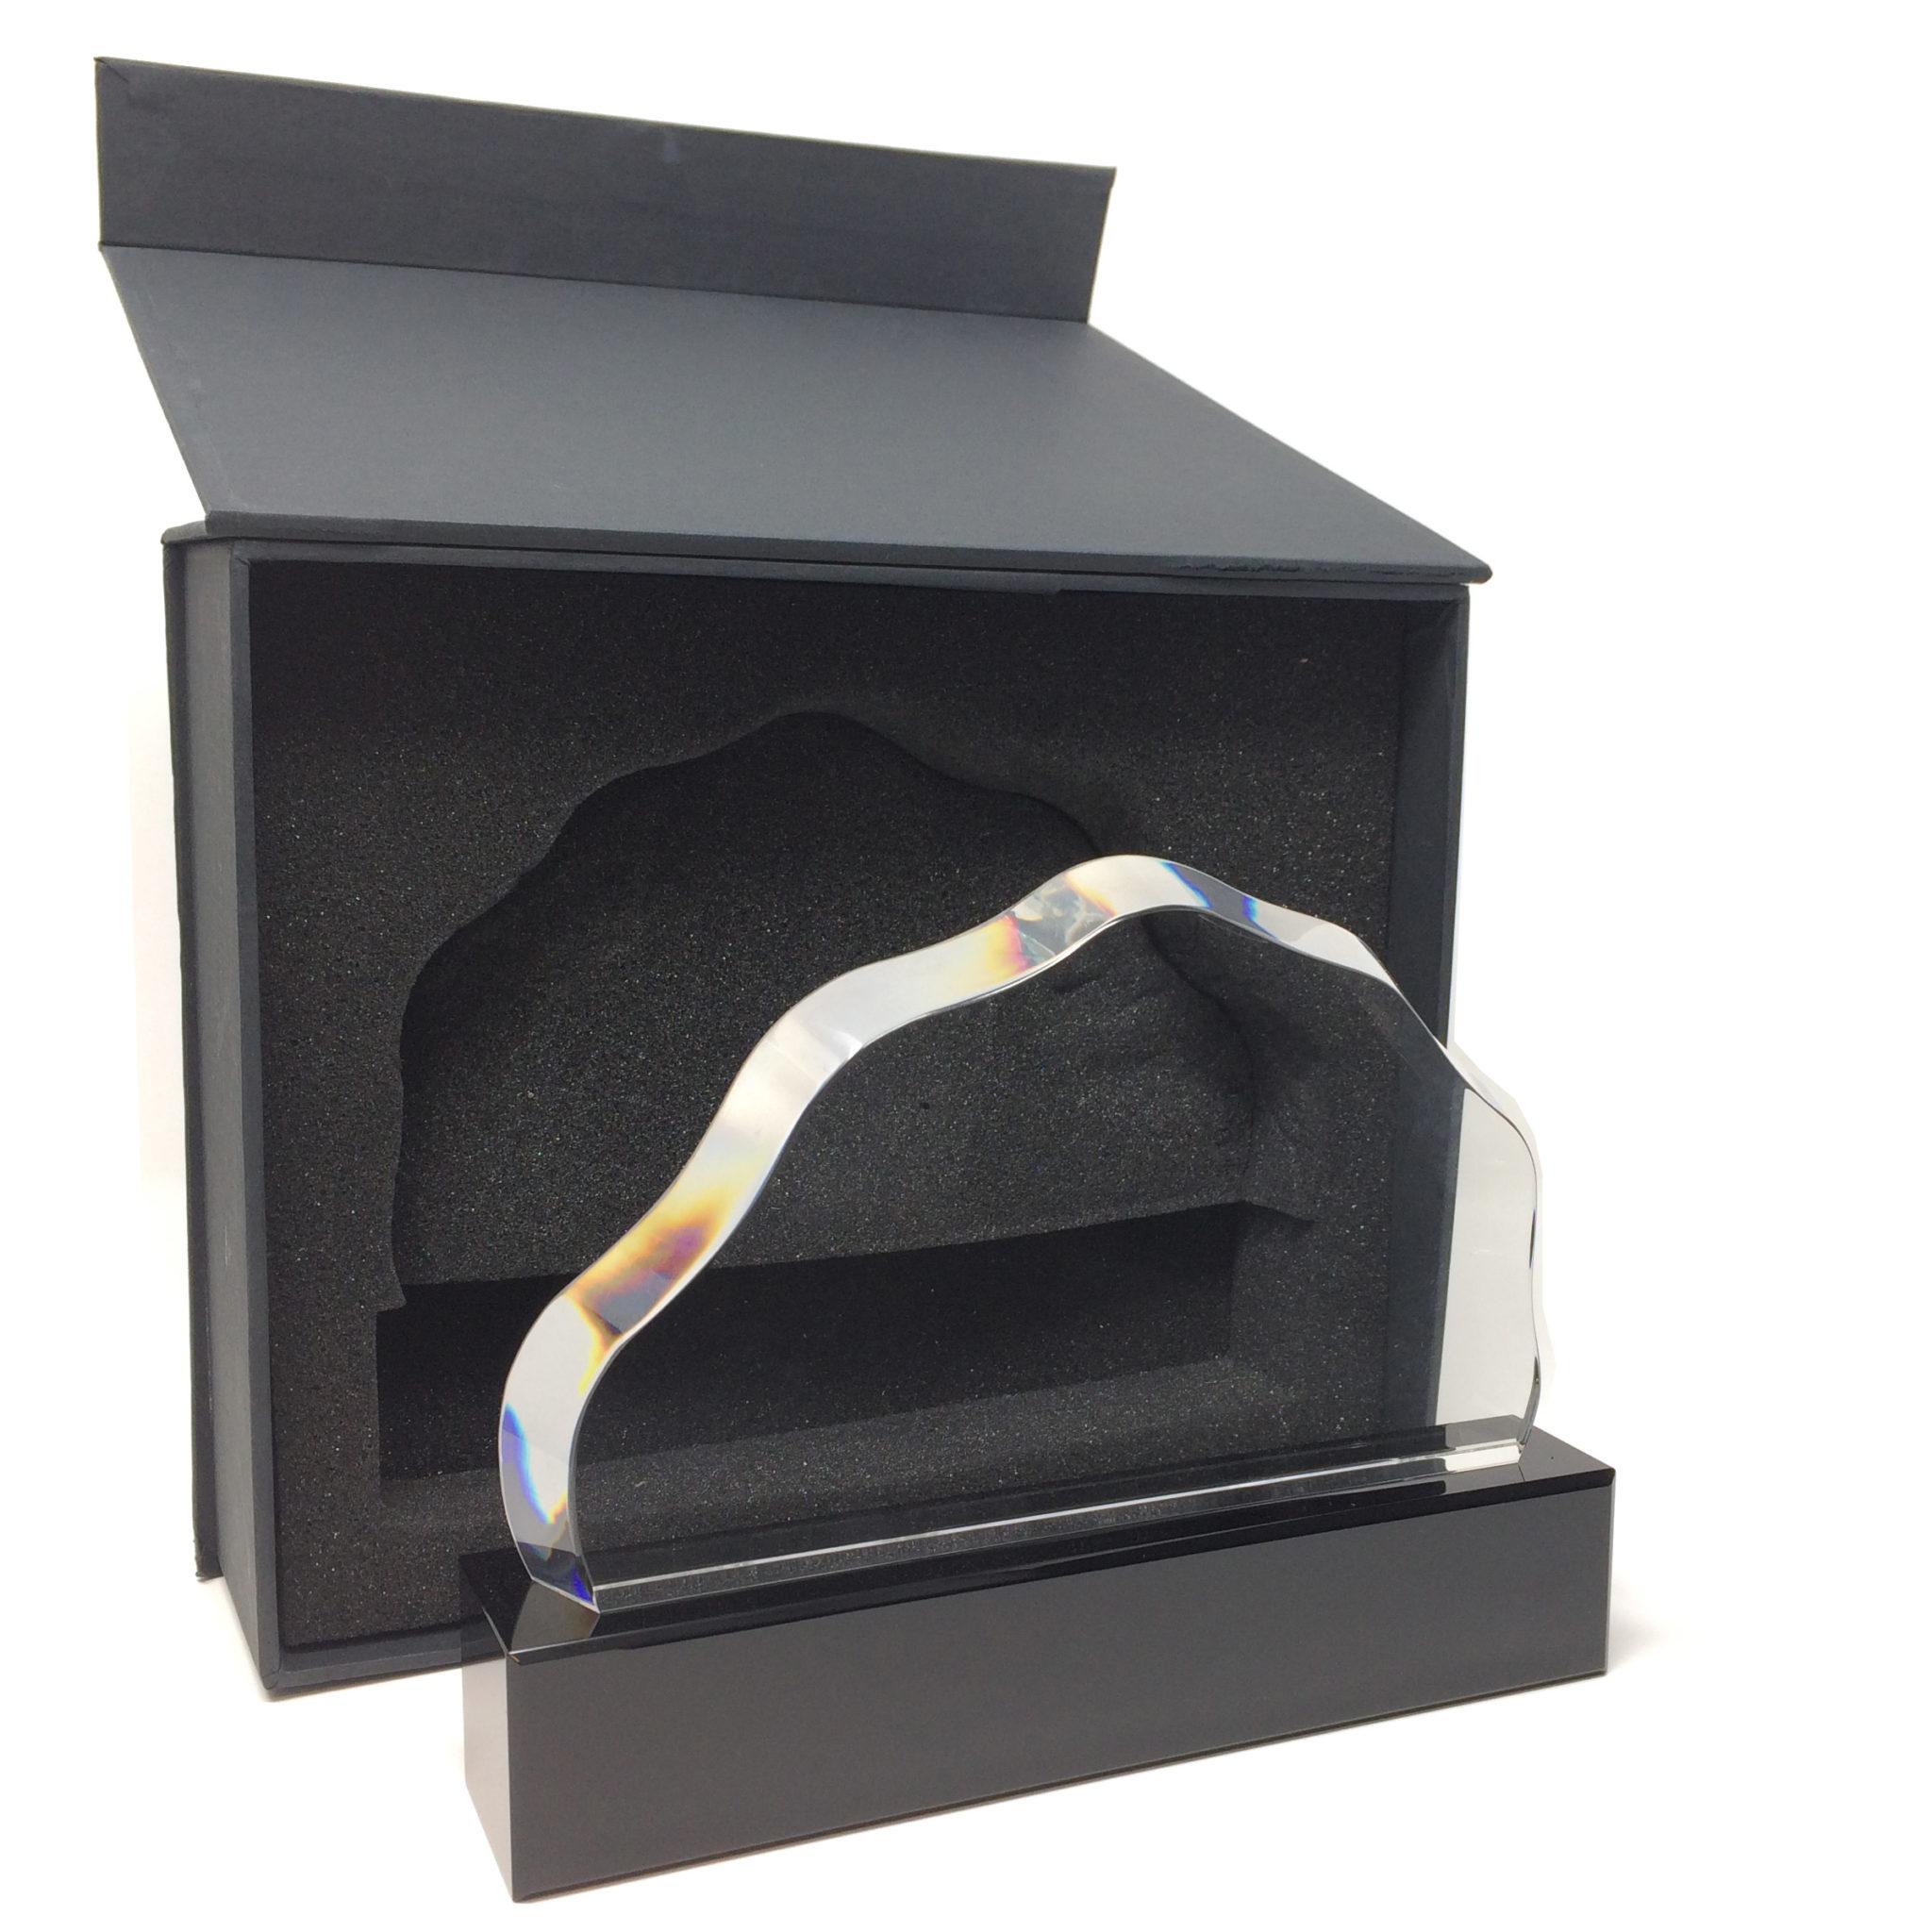 Trophée en verre en forme de nuage sur socle noir